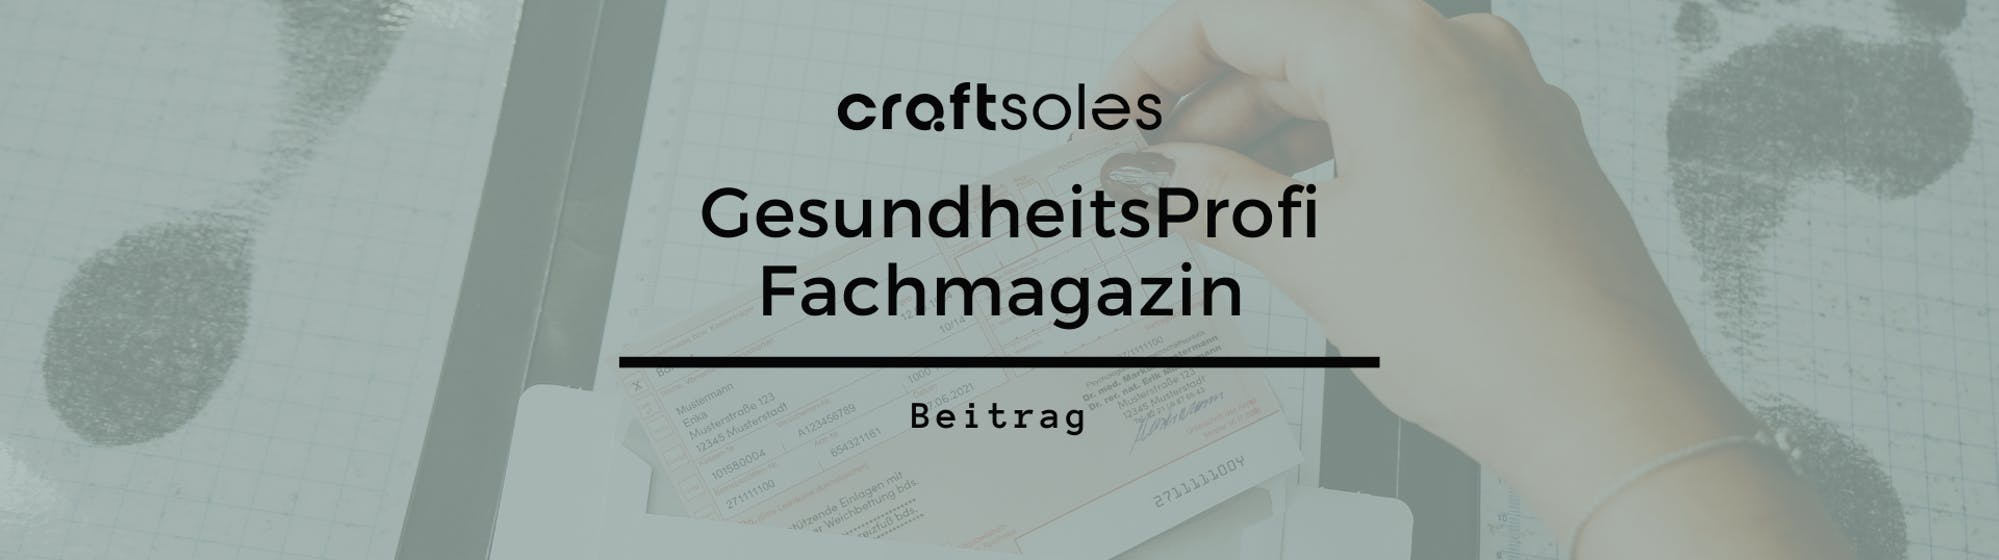 Gesundheitsprofi craftsoles widerspricht